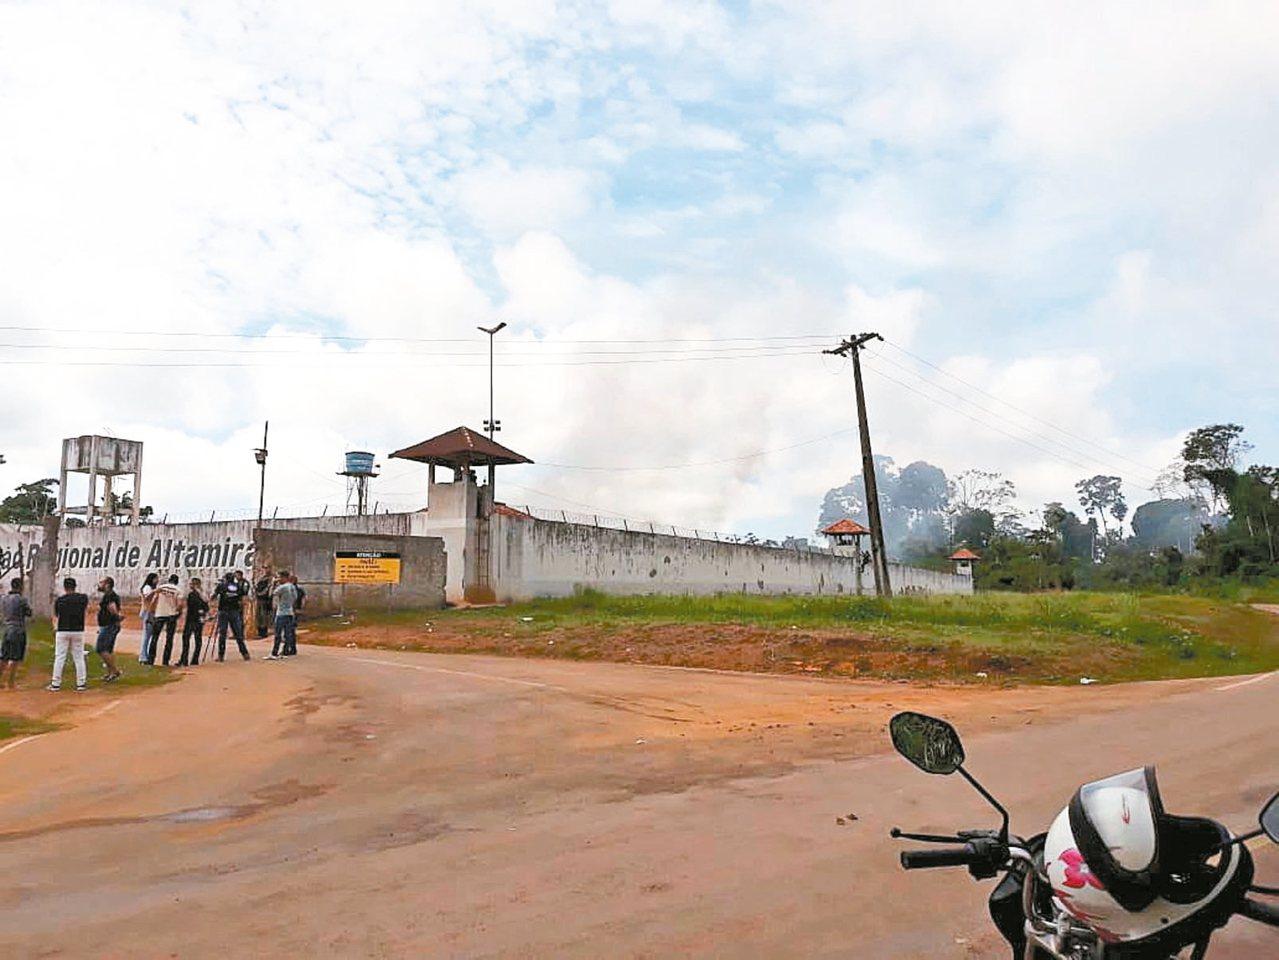 巴西巴拉州阿塔米拉市一所監獄爆發血腥衝突,至少57人慘死。 歐新社